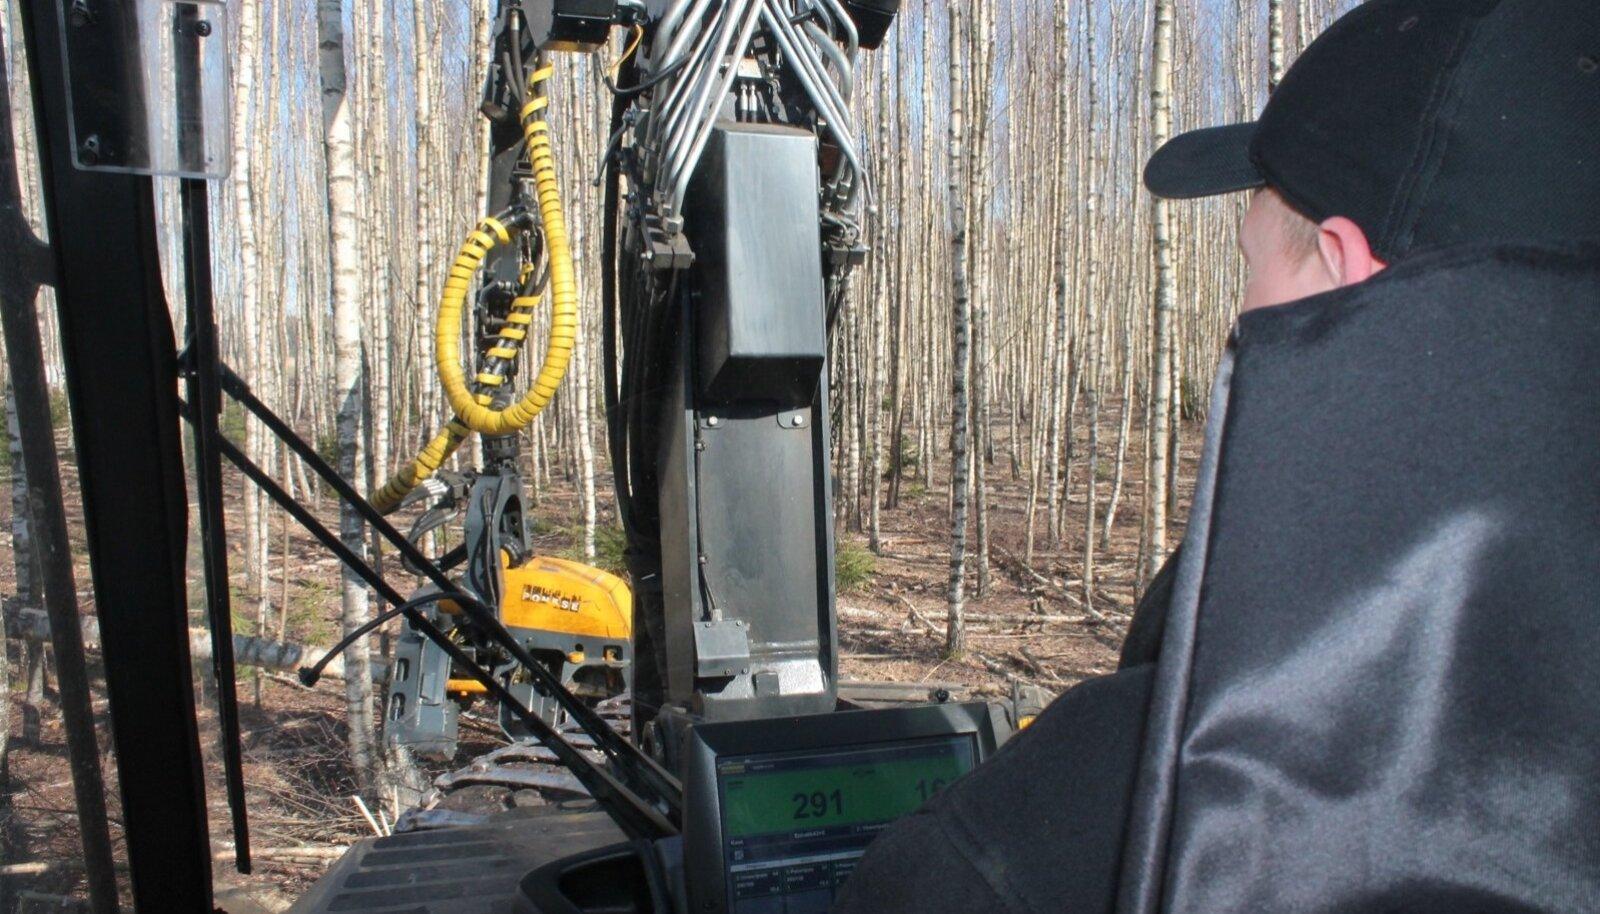 Agaramad on hooldusraiete tegemisel need metsaomanikud, kes toetust küsinud läbi metsaühistu.